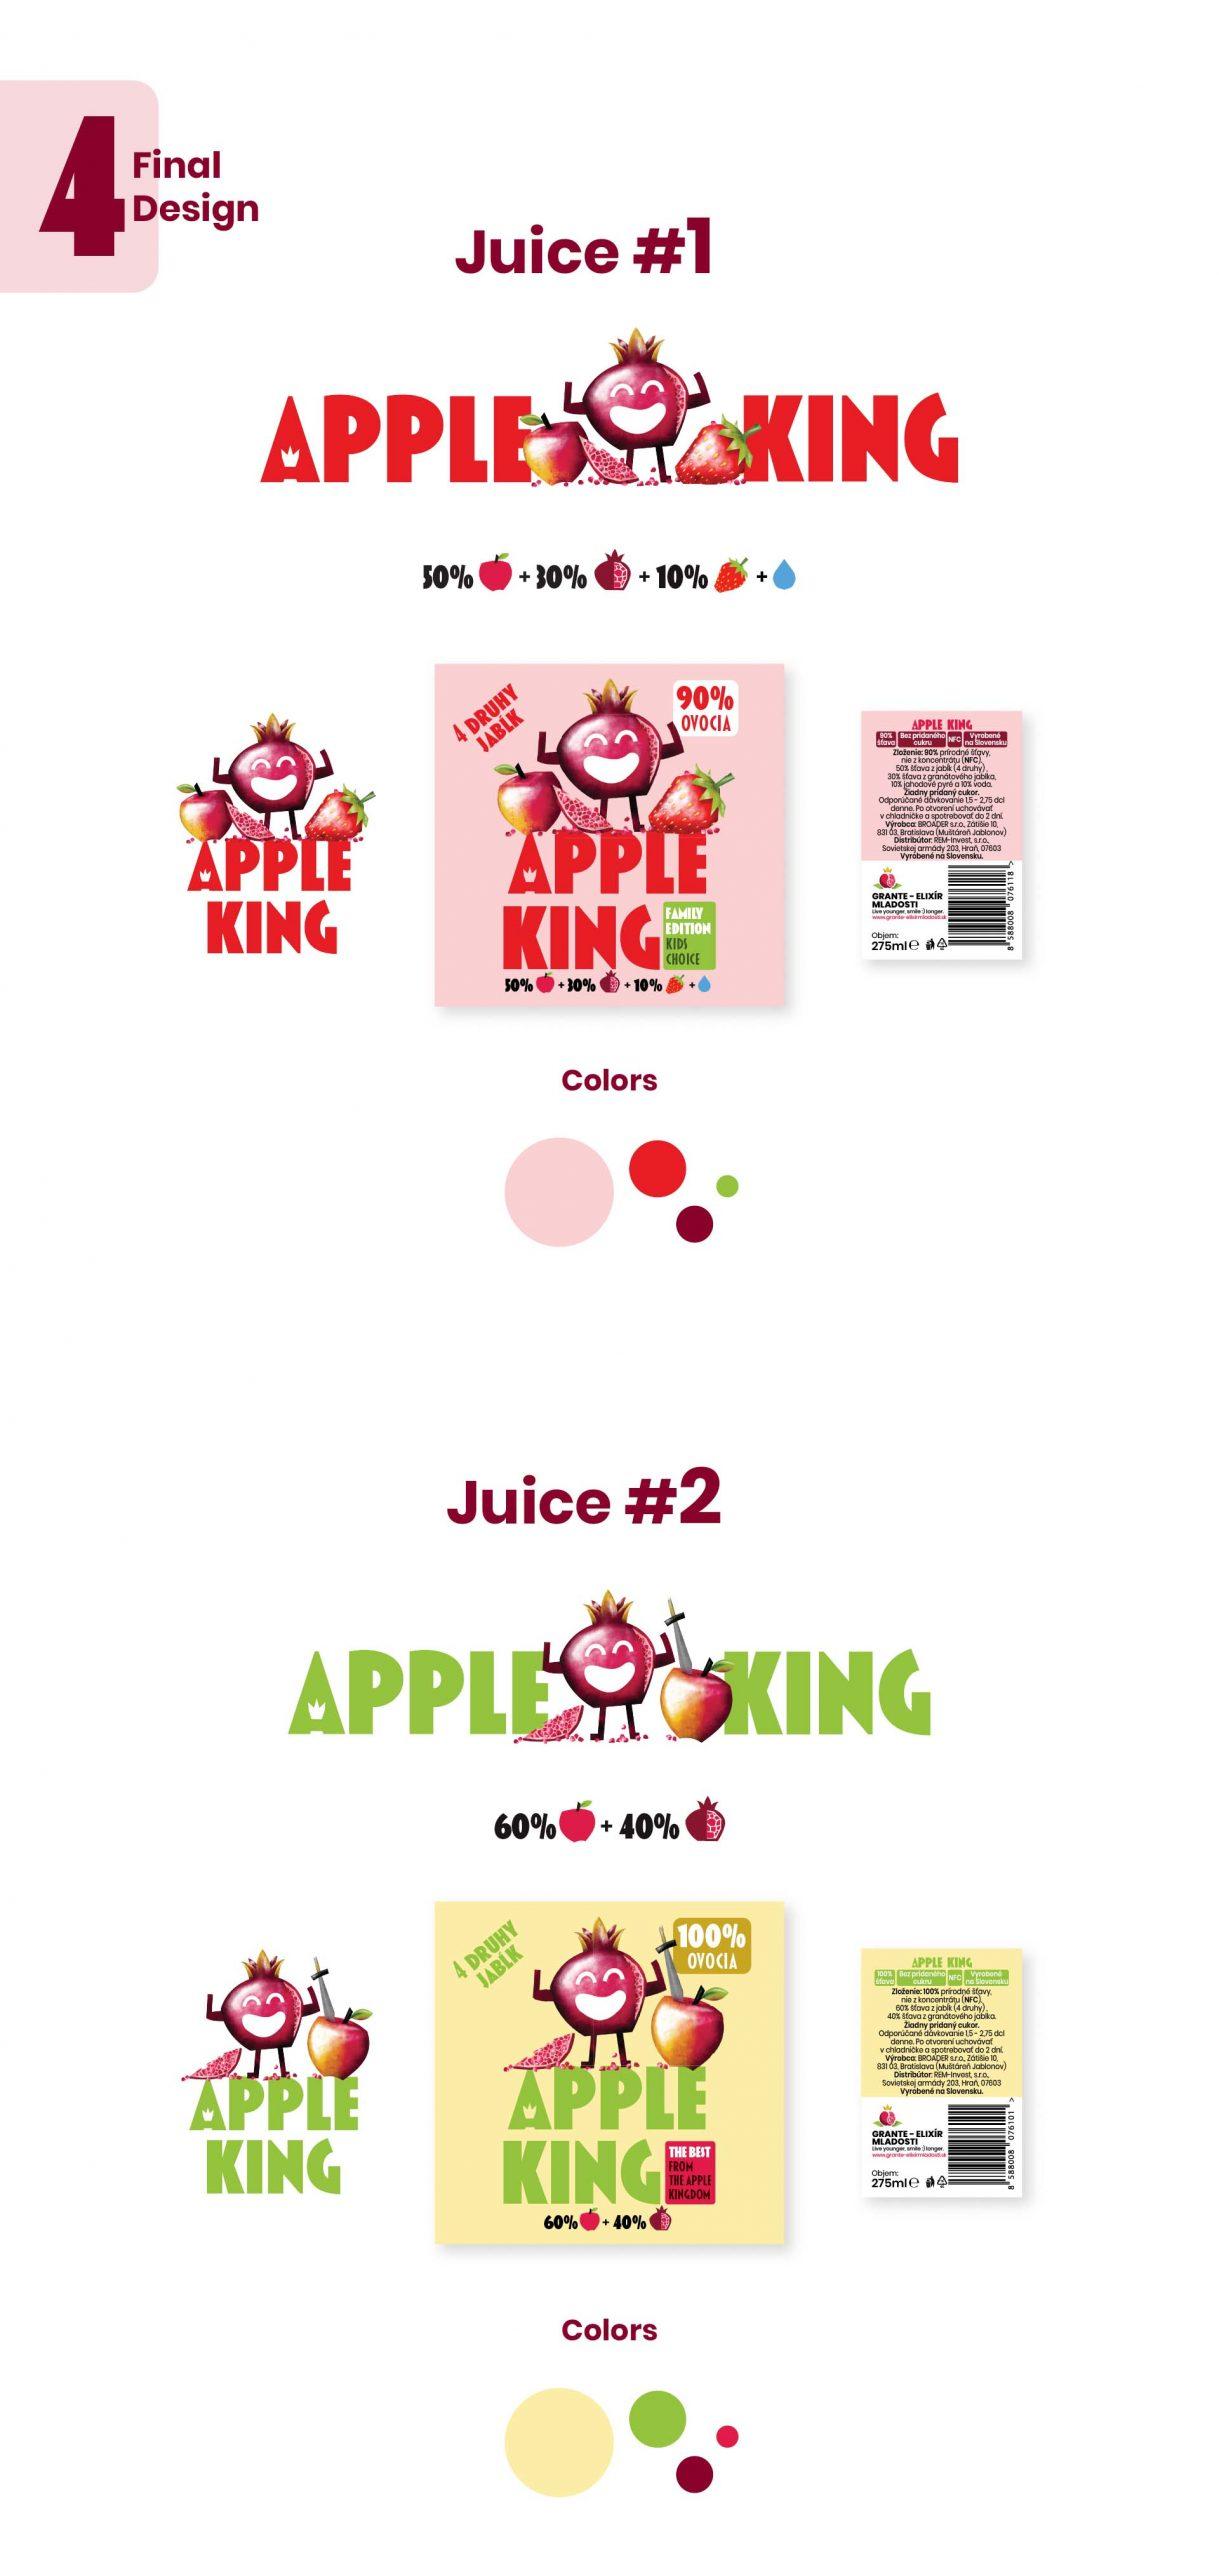 Finálny dizajn brandingu Apple king - logo etikety a farby